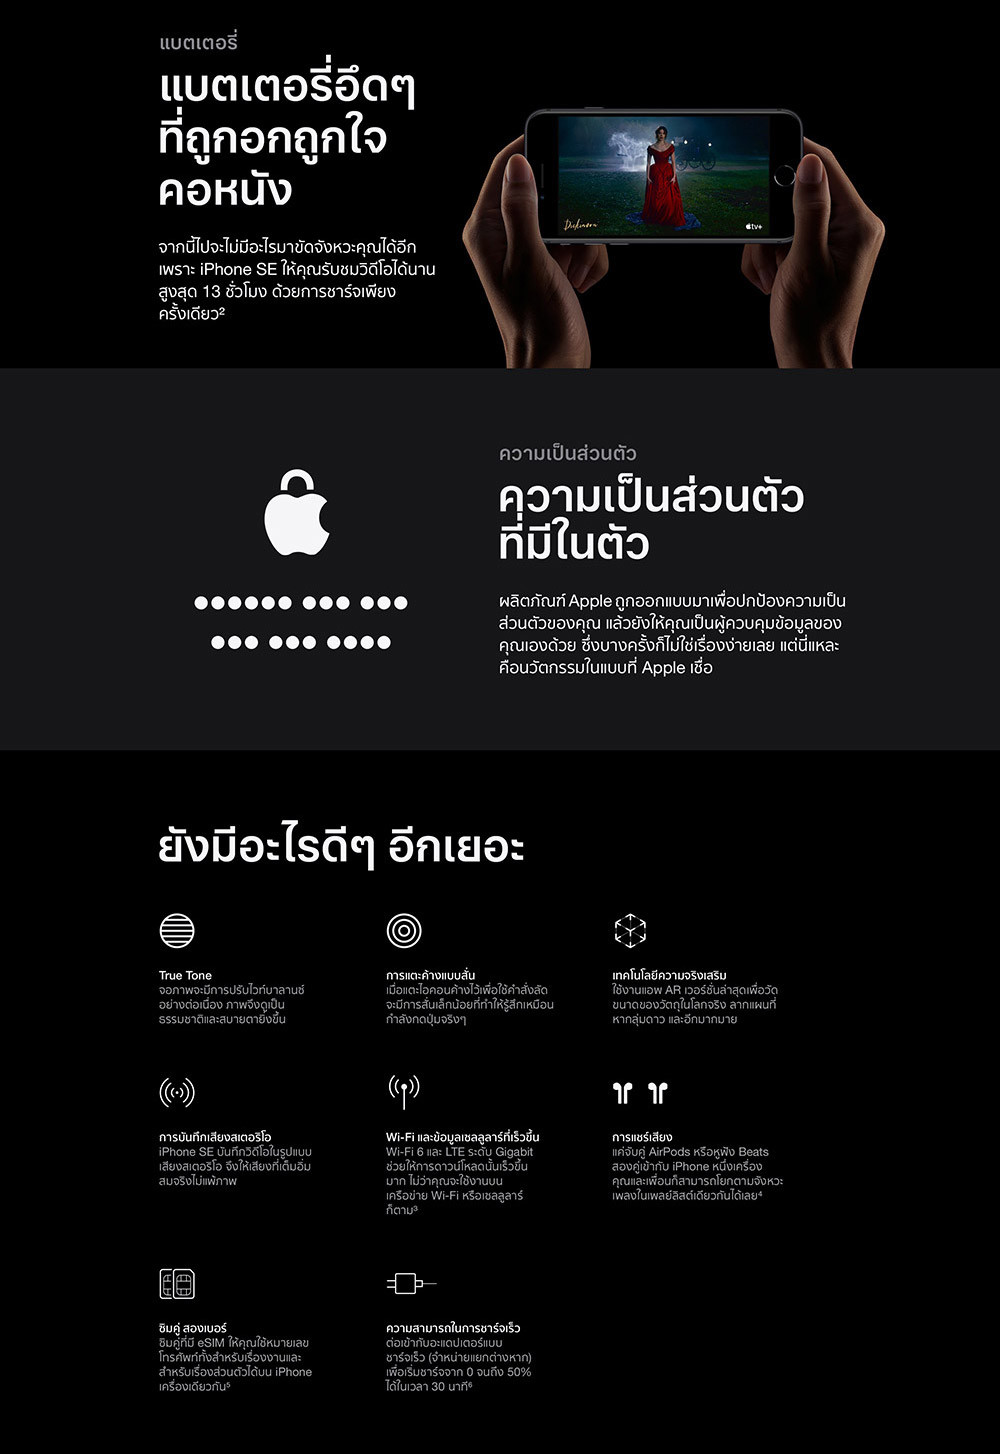 th_r1305_col-marketing-l_avail_fa_lr_3.j